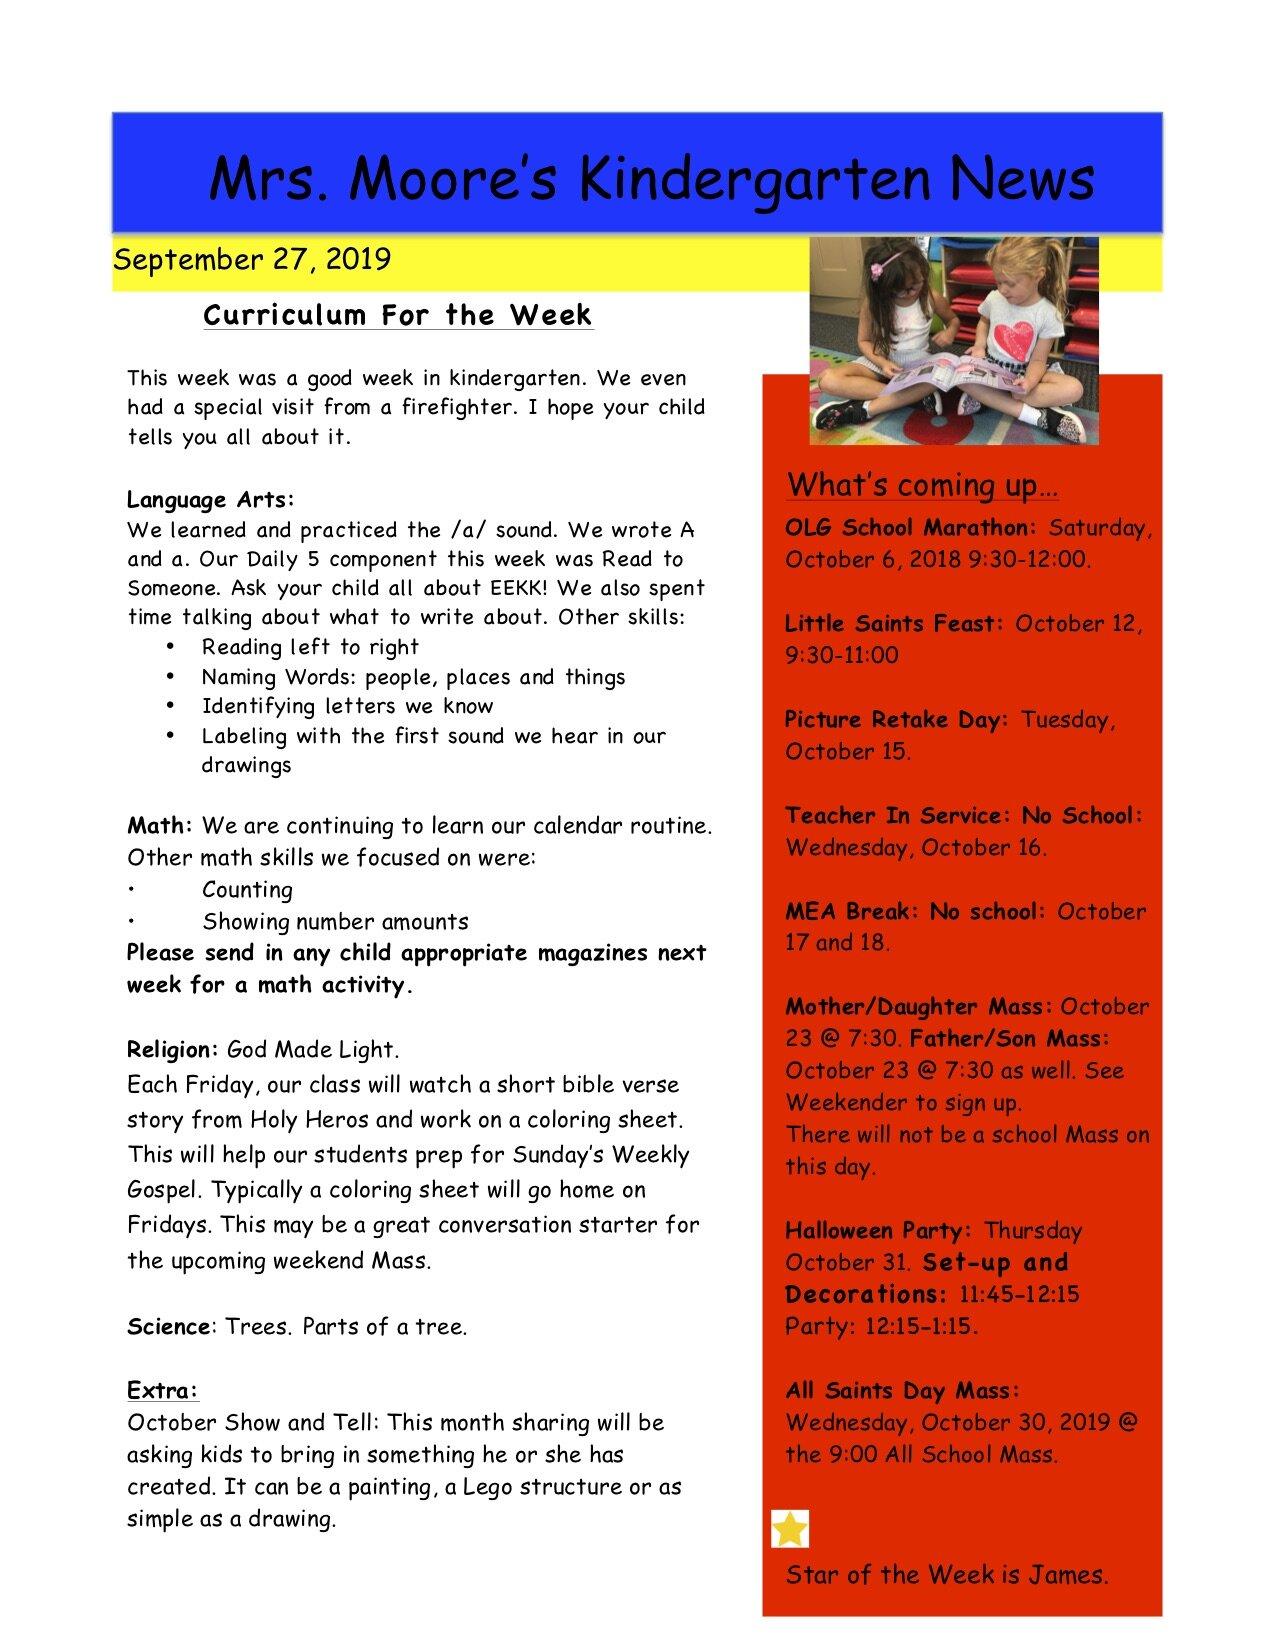 MooreNewsletter 9-27-19.jpg